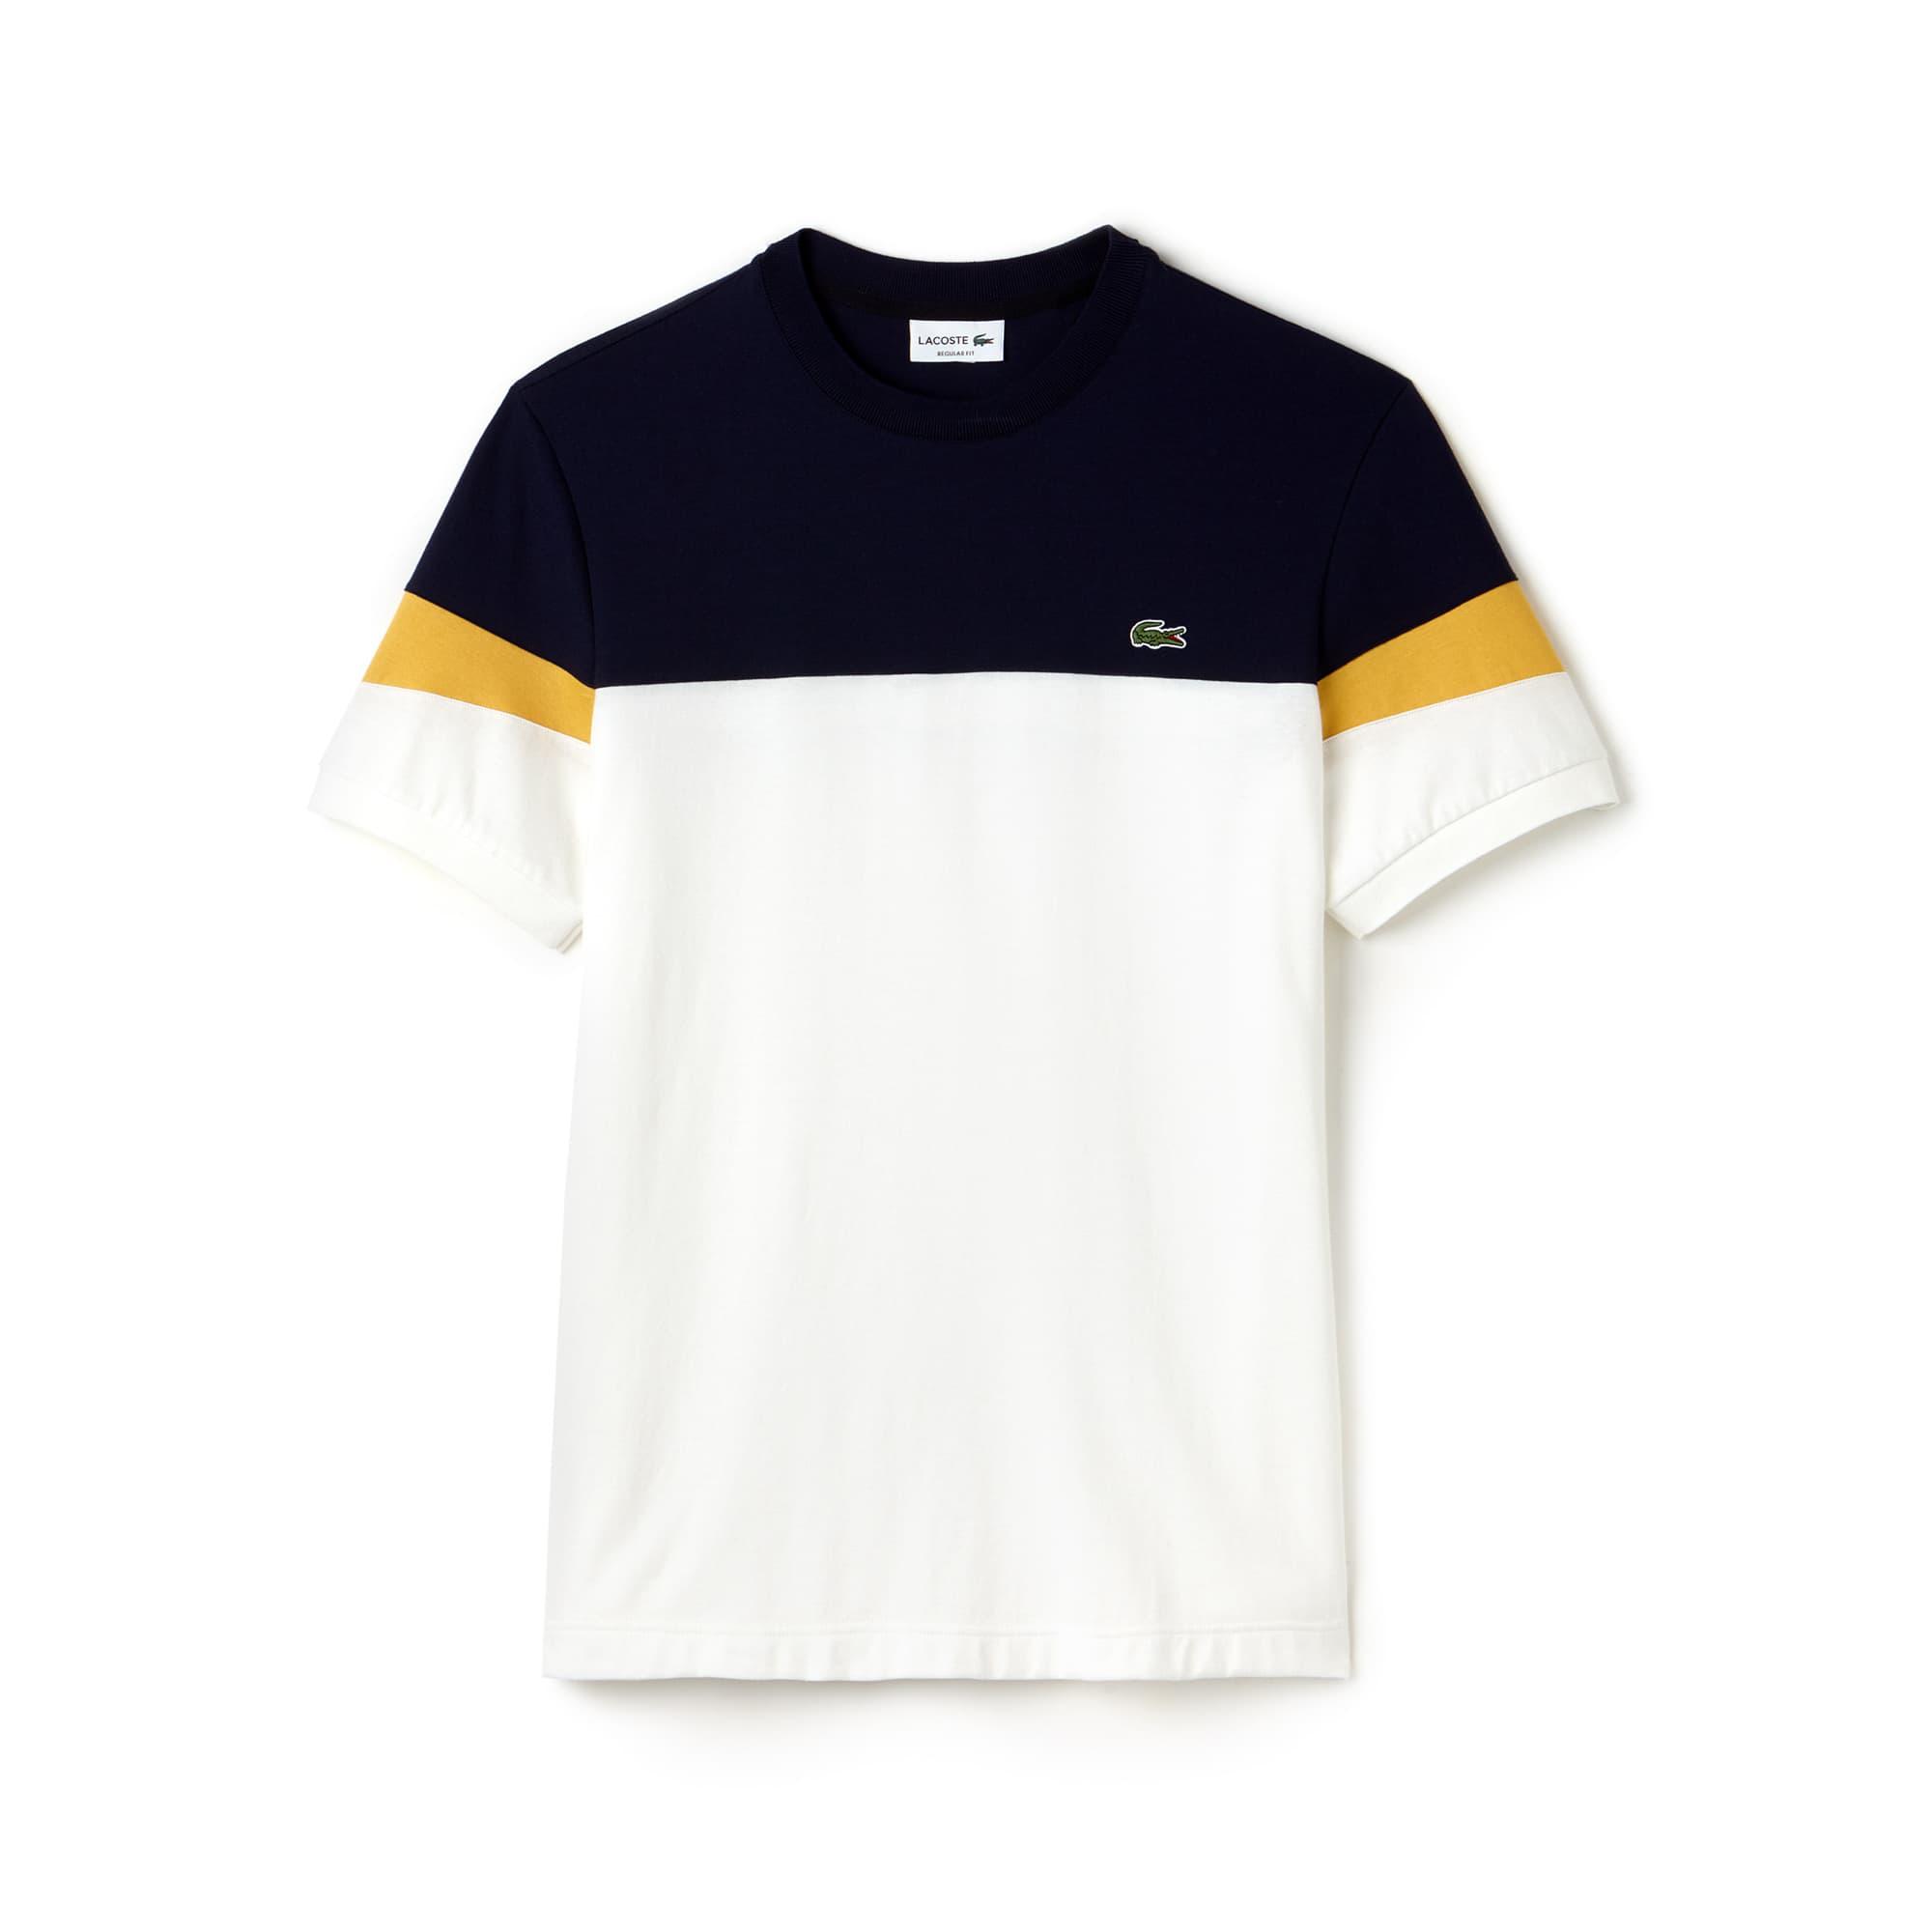 Lacoste - Herren Rundhals-Shirt aus Jersey im Colorblock-Design - 4